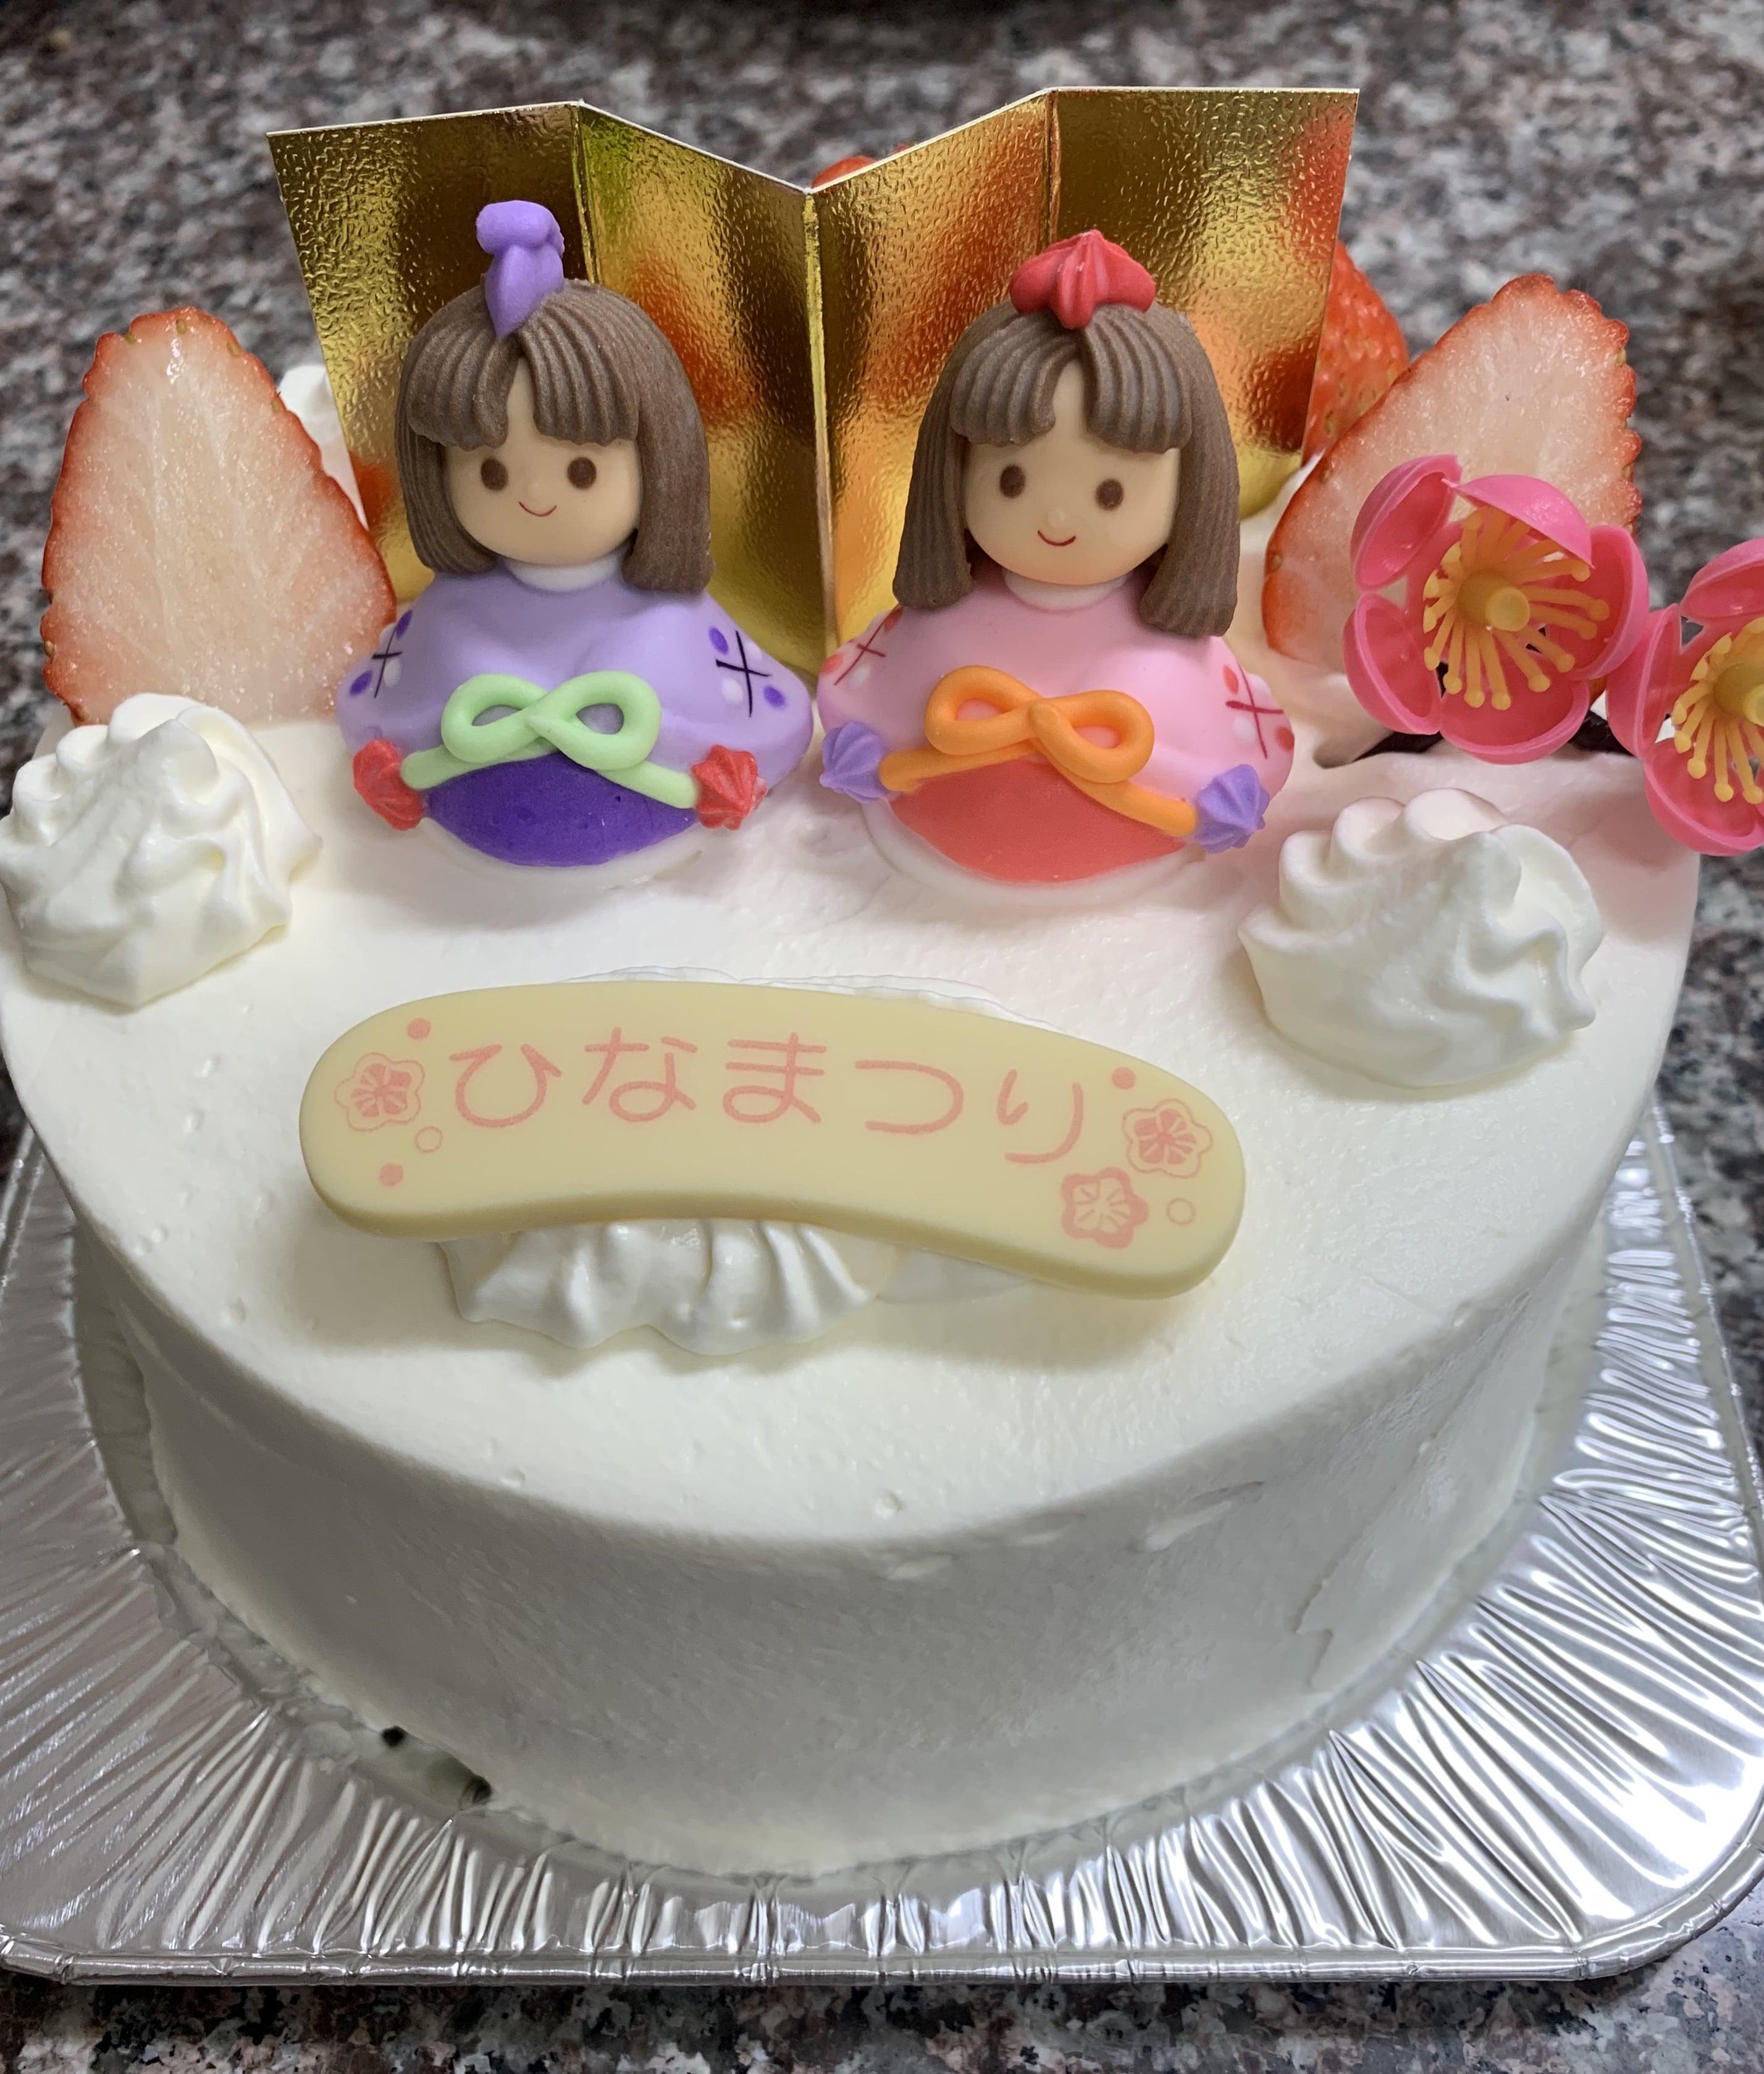 ひな祭りケーキ生クリーム5号サイズのイメージその1